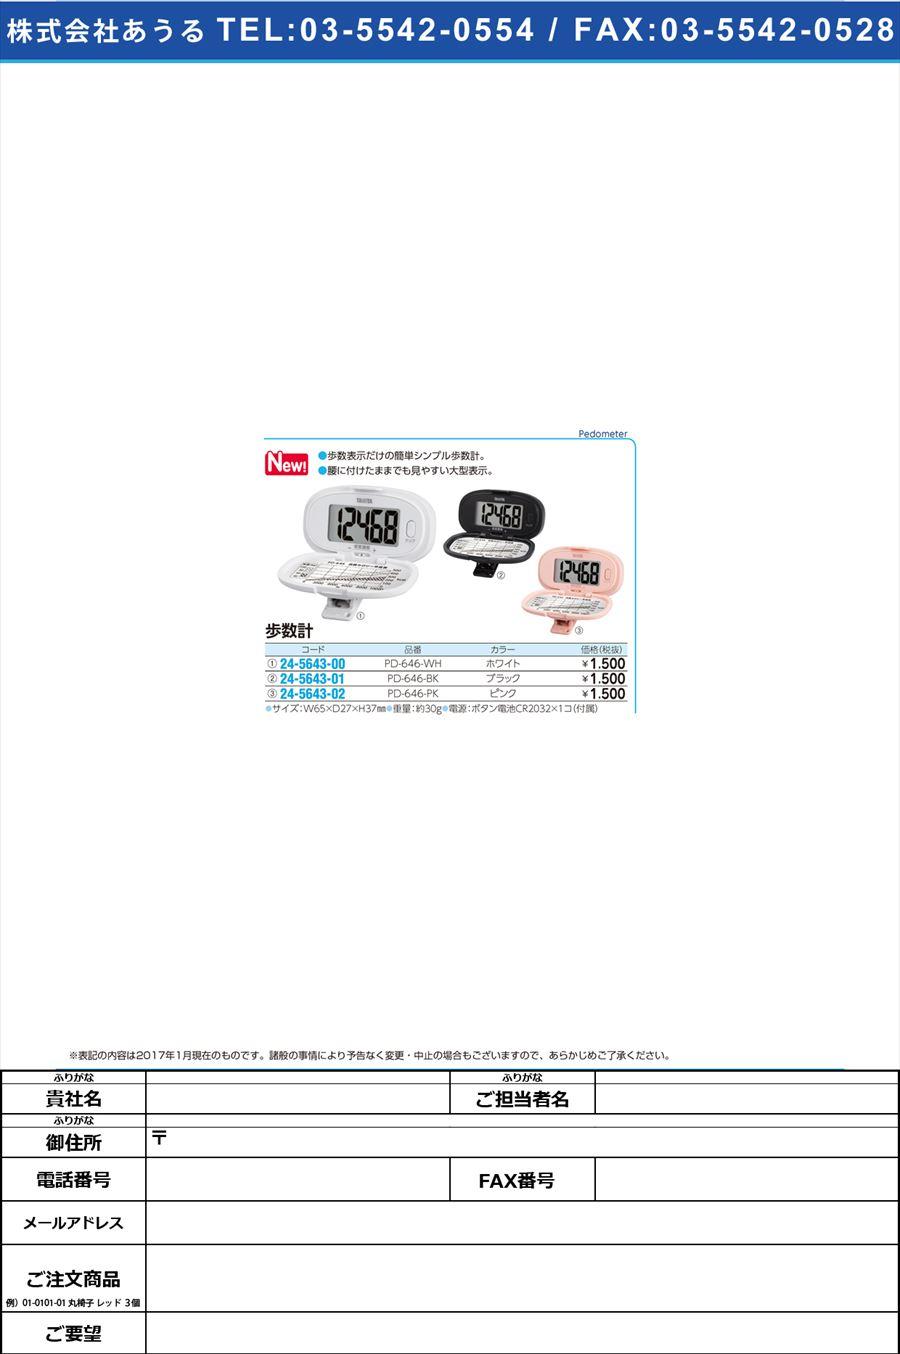 歩数計 ホスウケイ PD-646-BK(ブラック)(24-5643-01)【1個単位】【2017年カタログ商品】